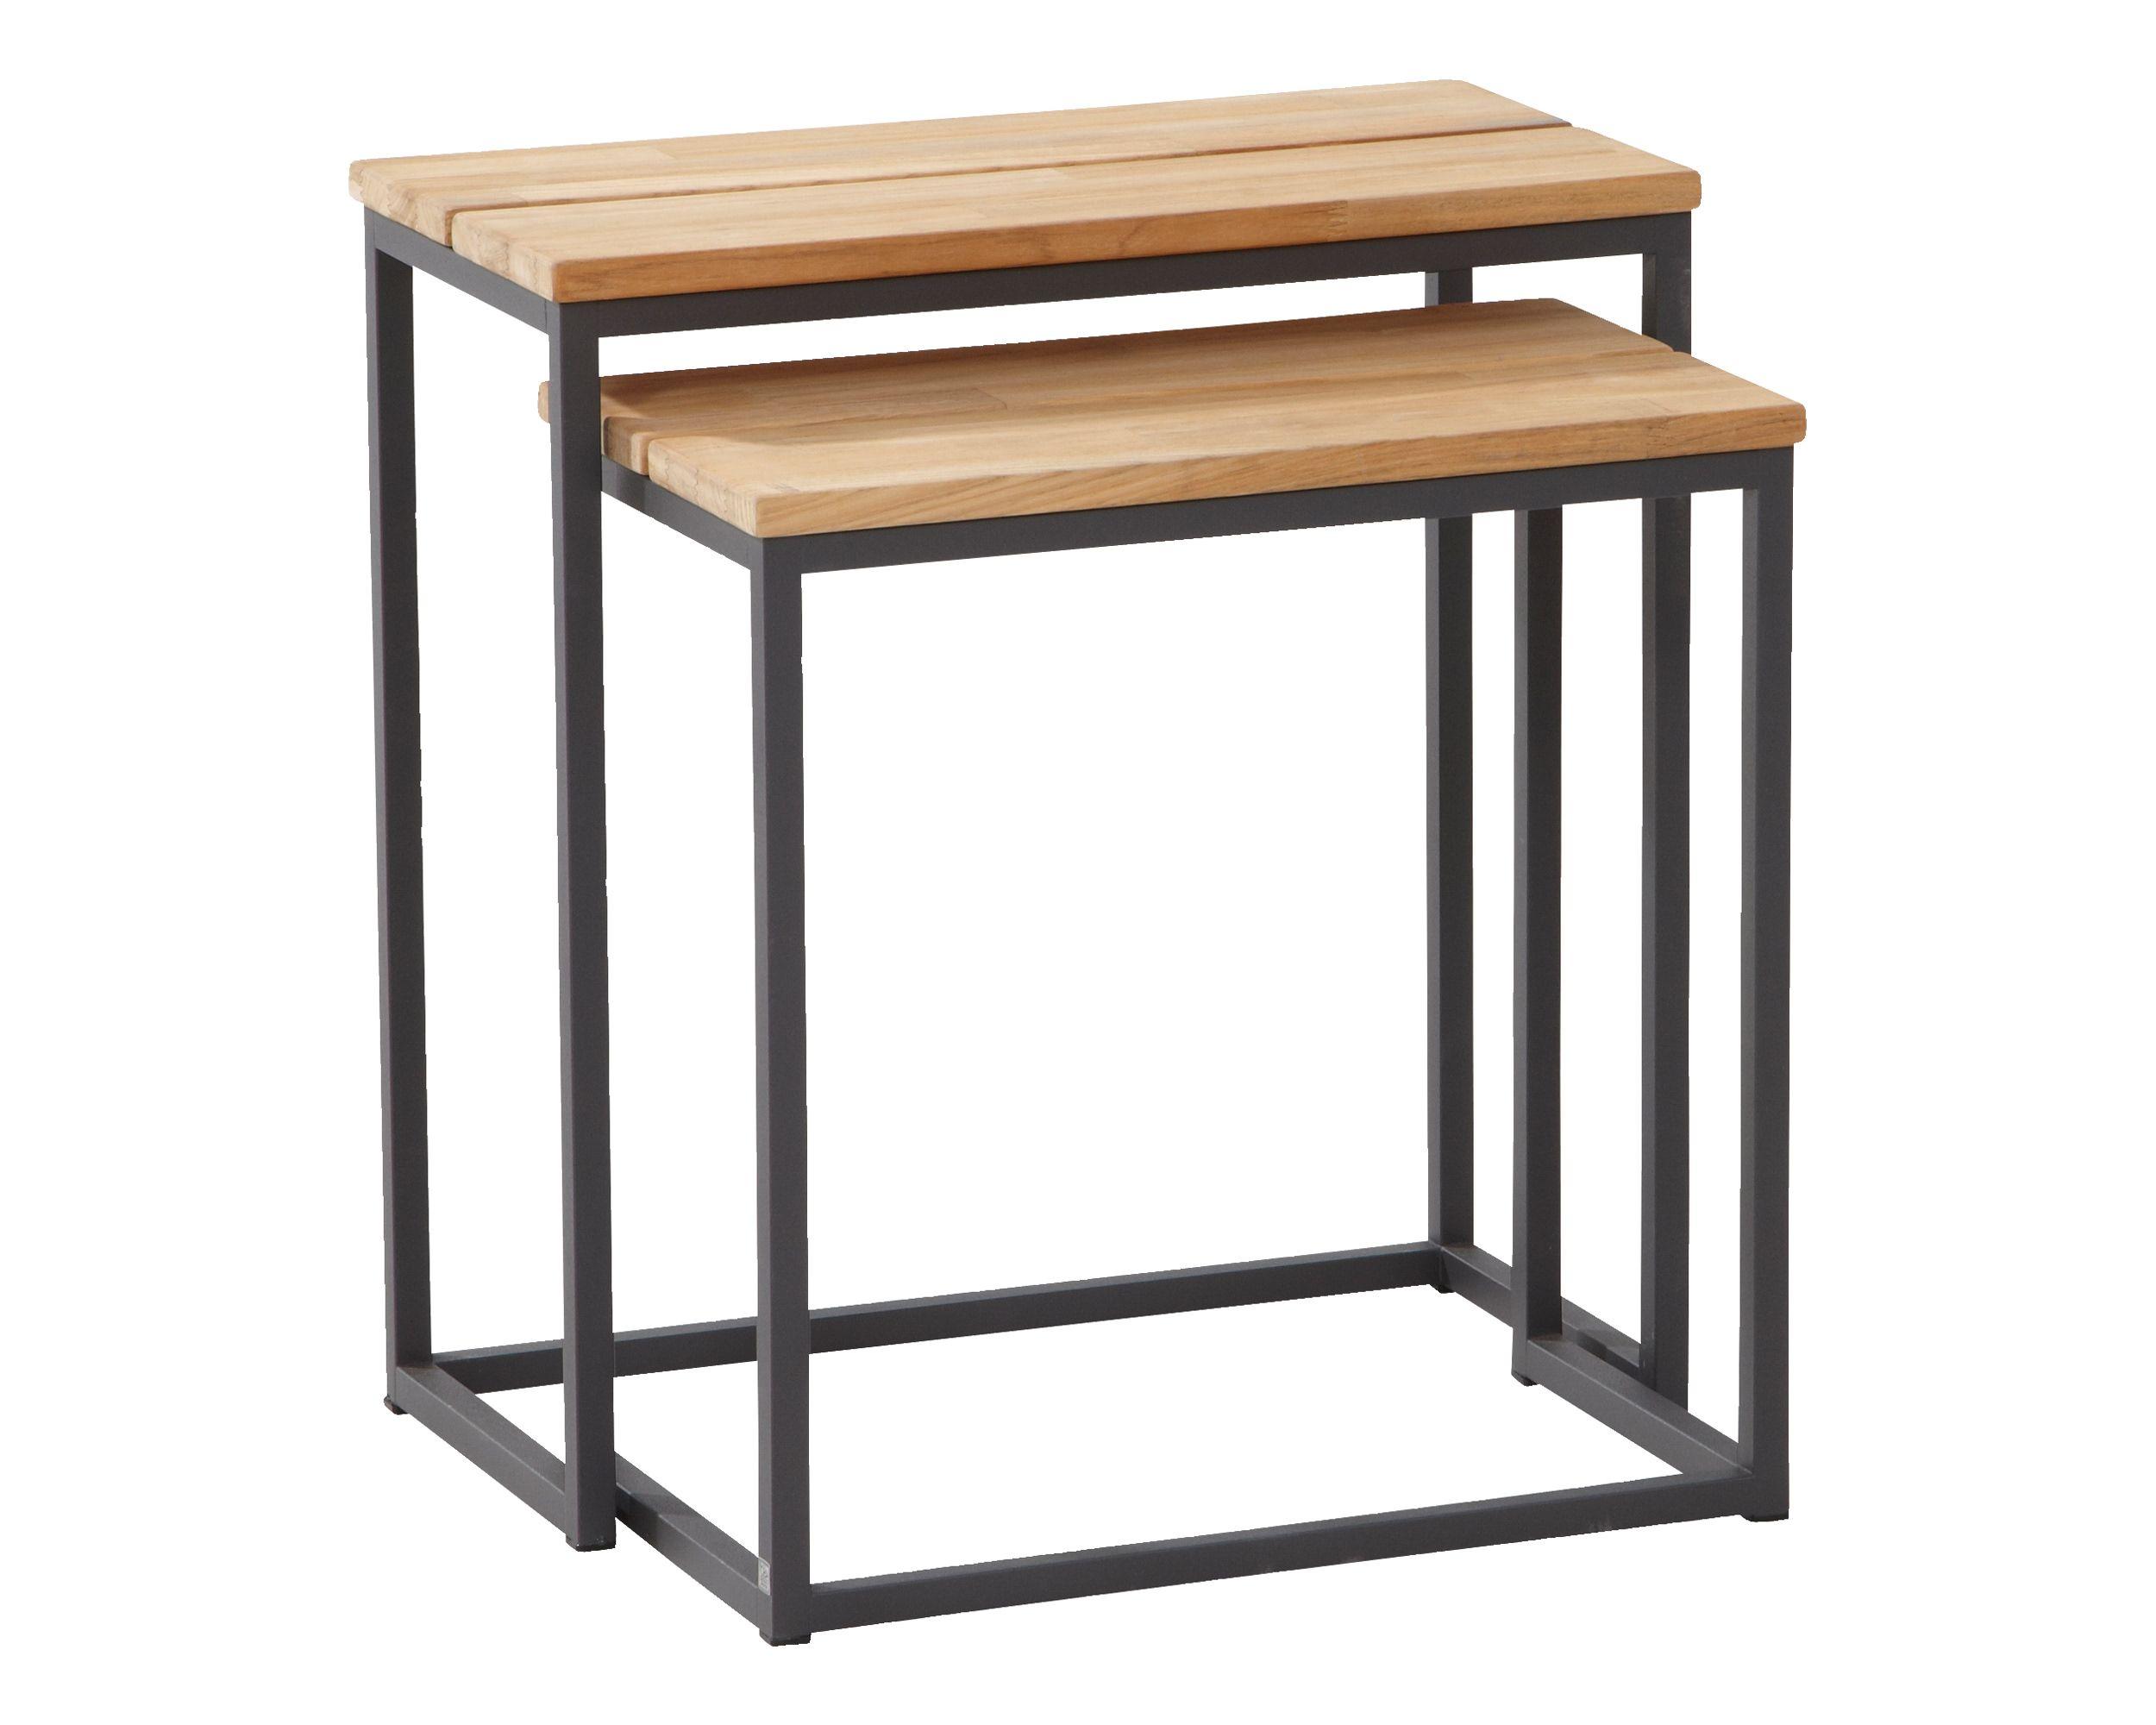 Beistelltisch-Set Twin, rechteckig, groß - Tisch - NEUHEITEN